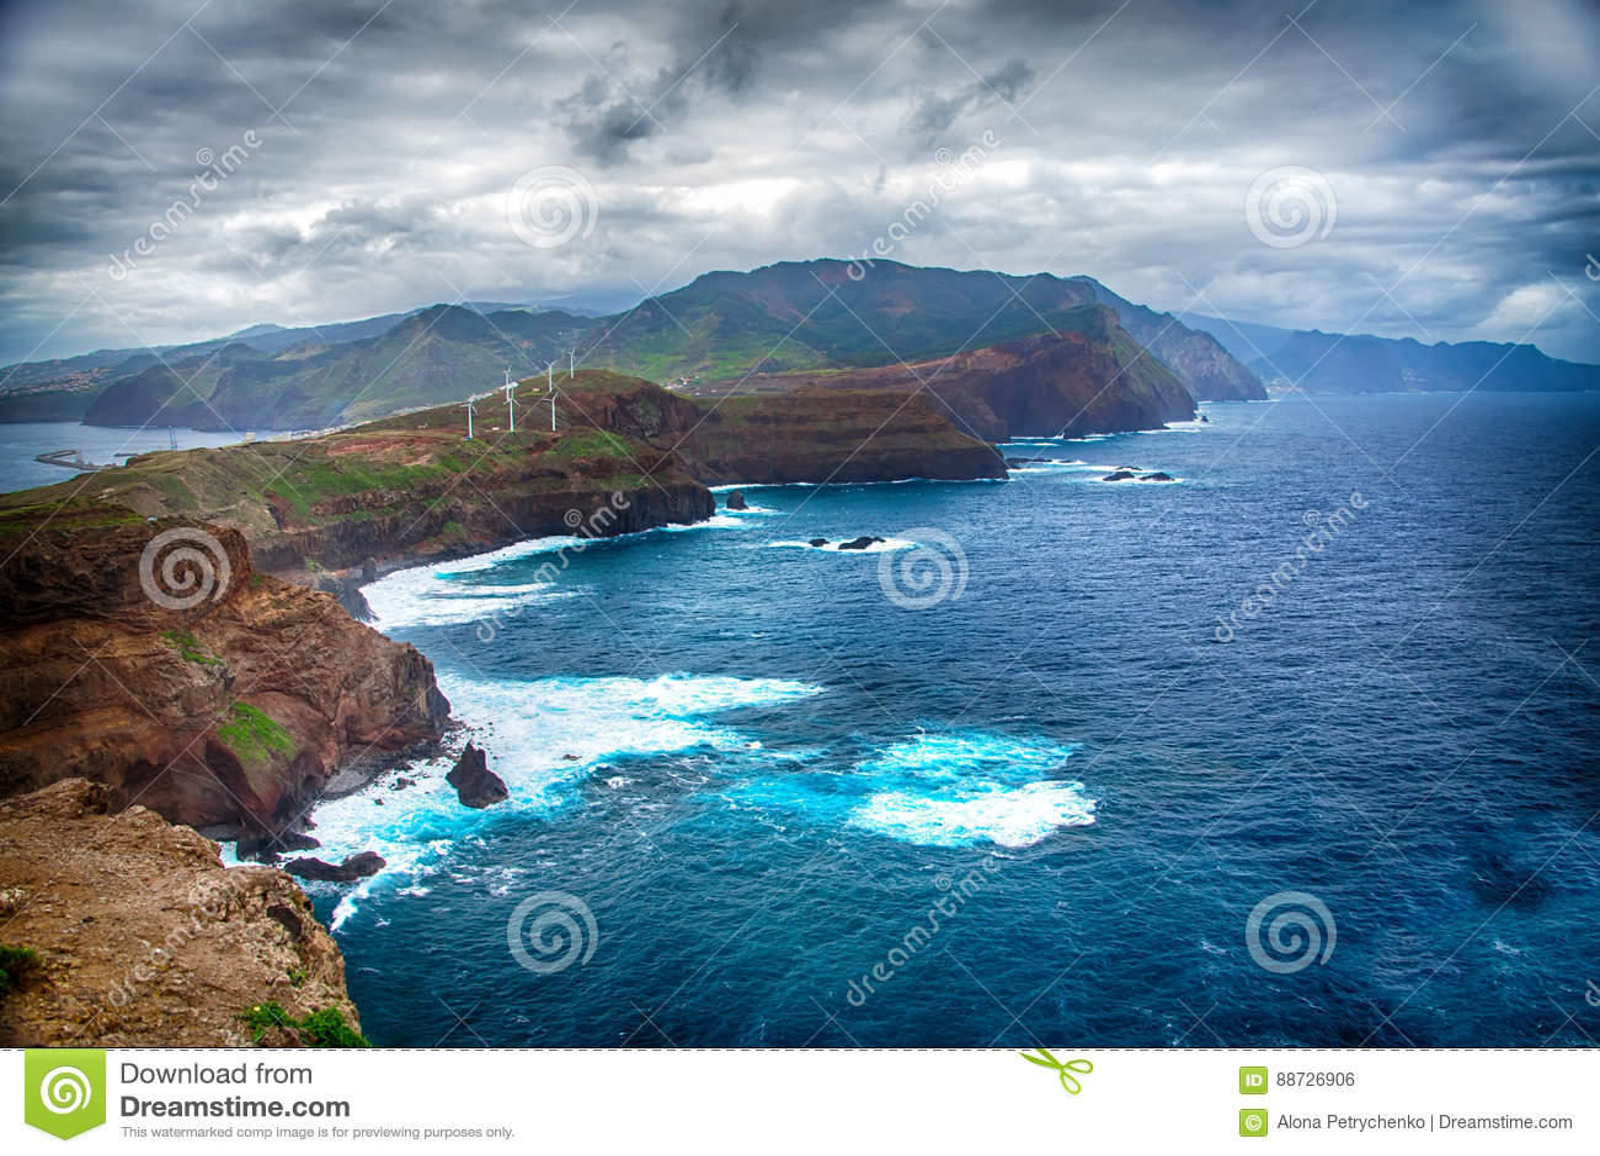 Μπλε ωκεανός, βουνά, βράχοι, ανεμόμυλοι και νεφελώδης ουρανός